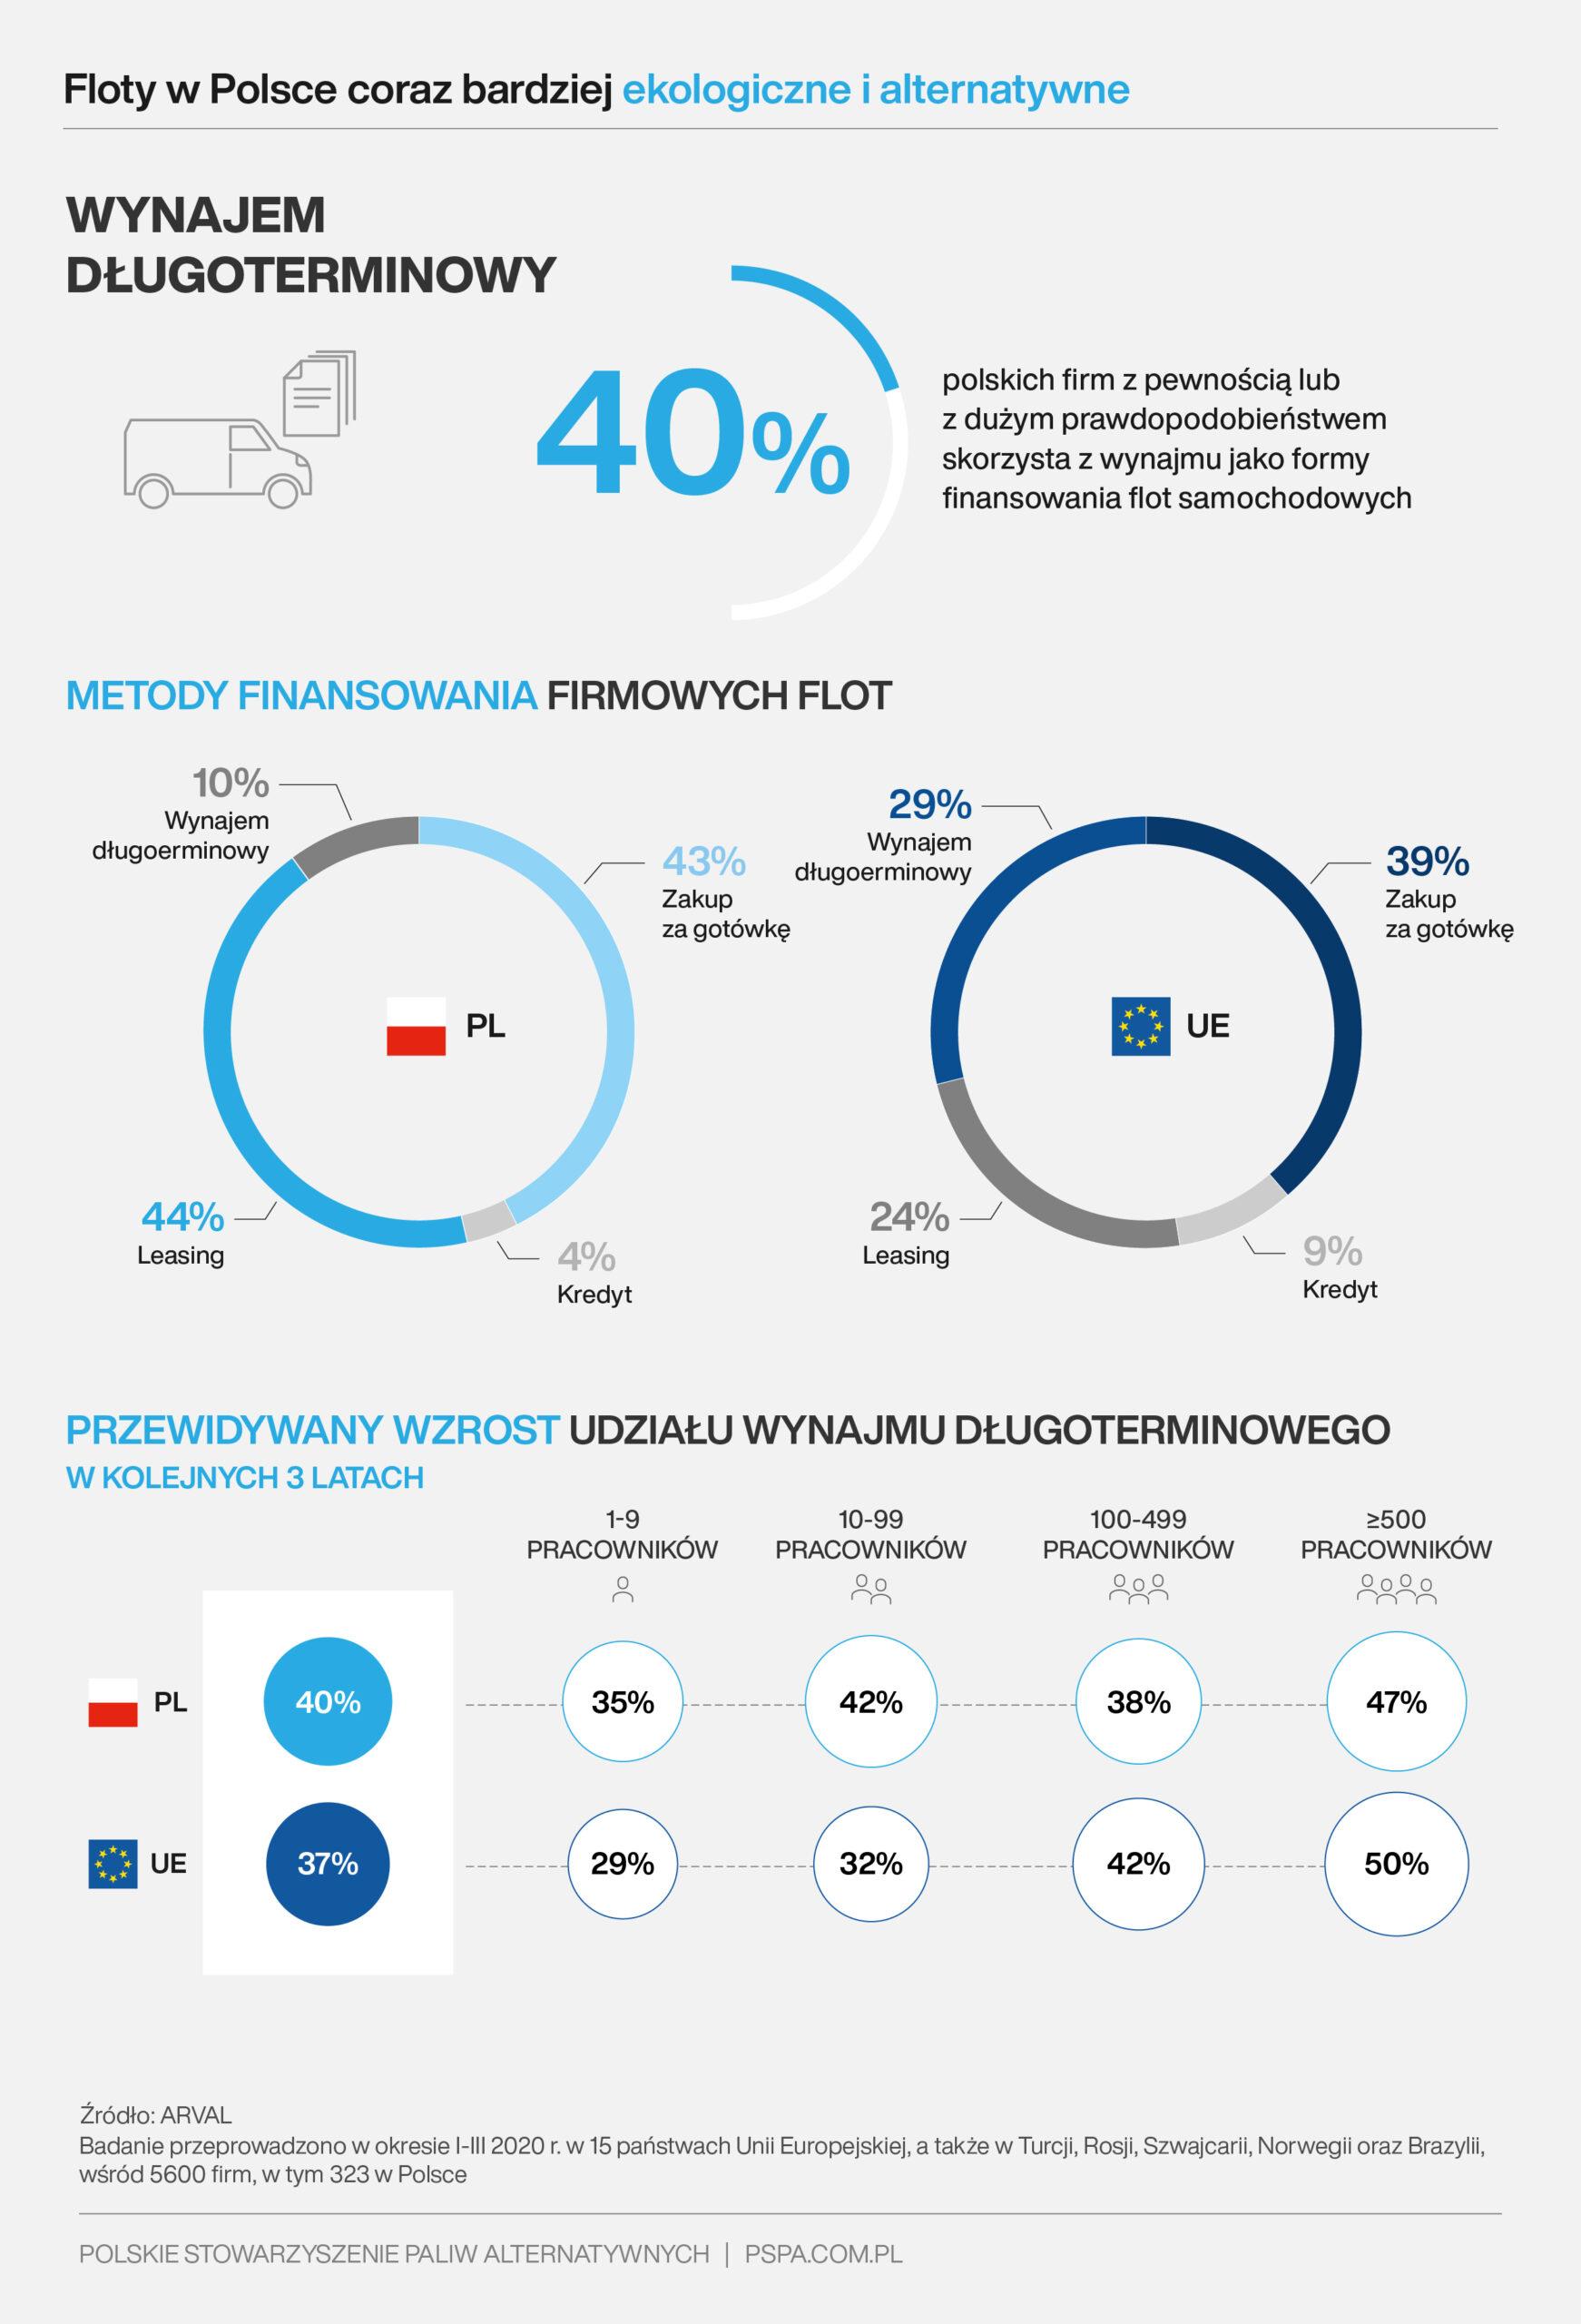 Floty w Polsce coraz bardziej ekologiczne i alternatywne (1)